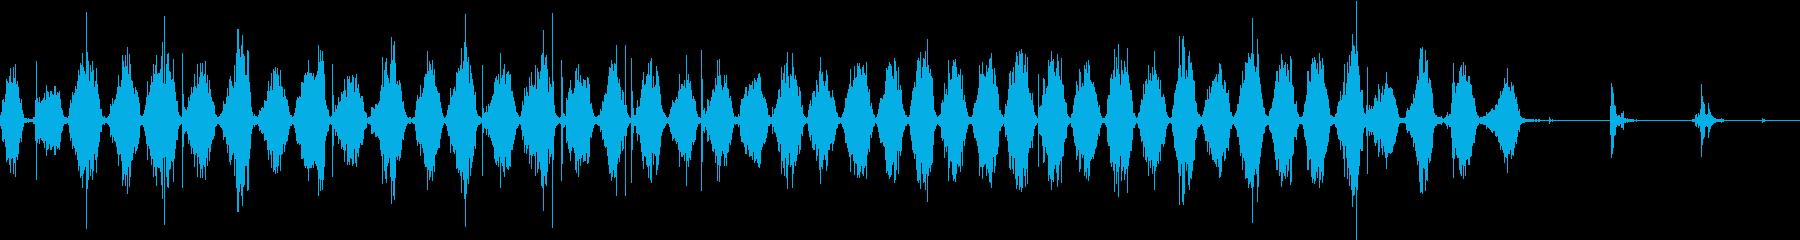 【生録音】ノコギリで物を切る音 2の再生済みの波形